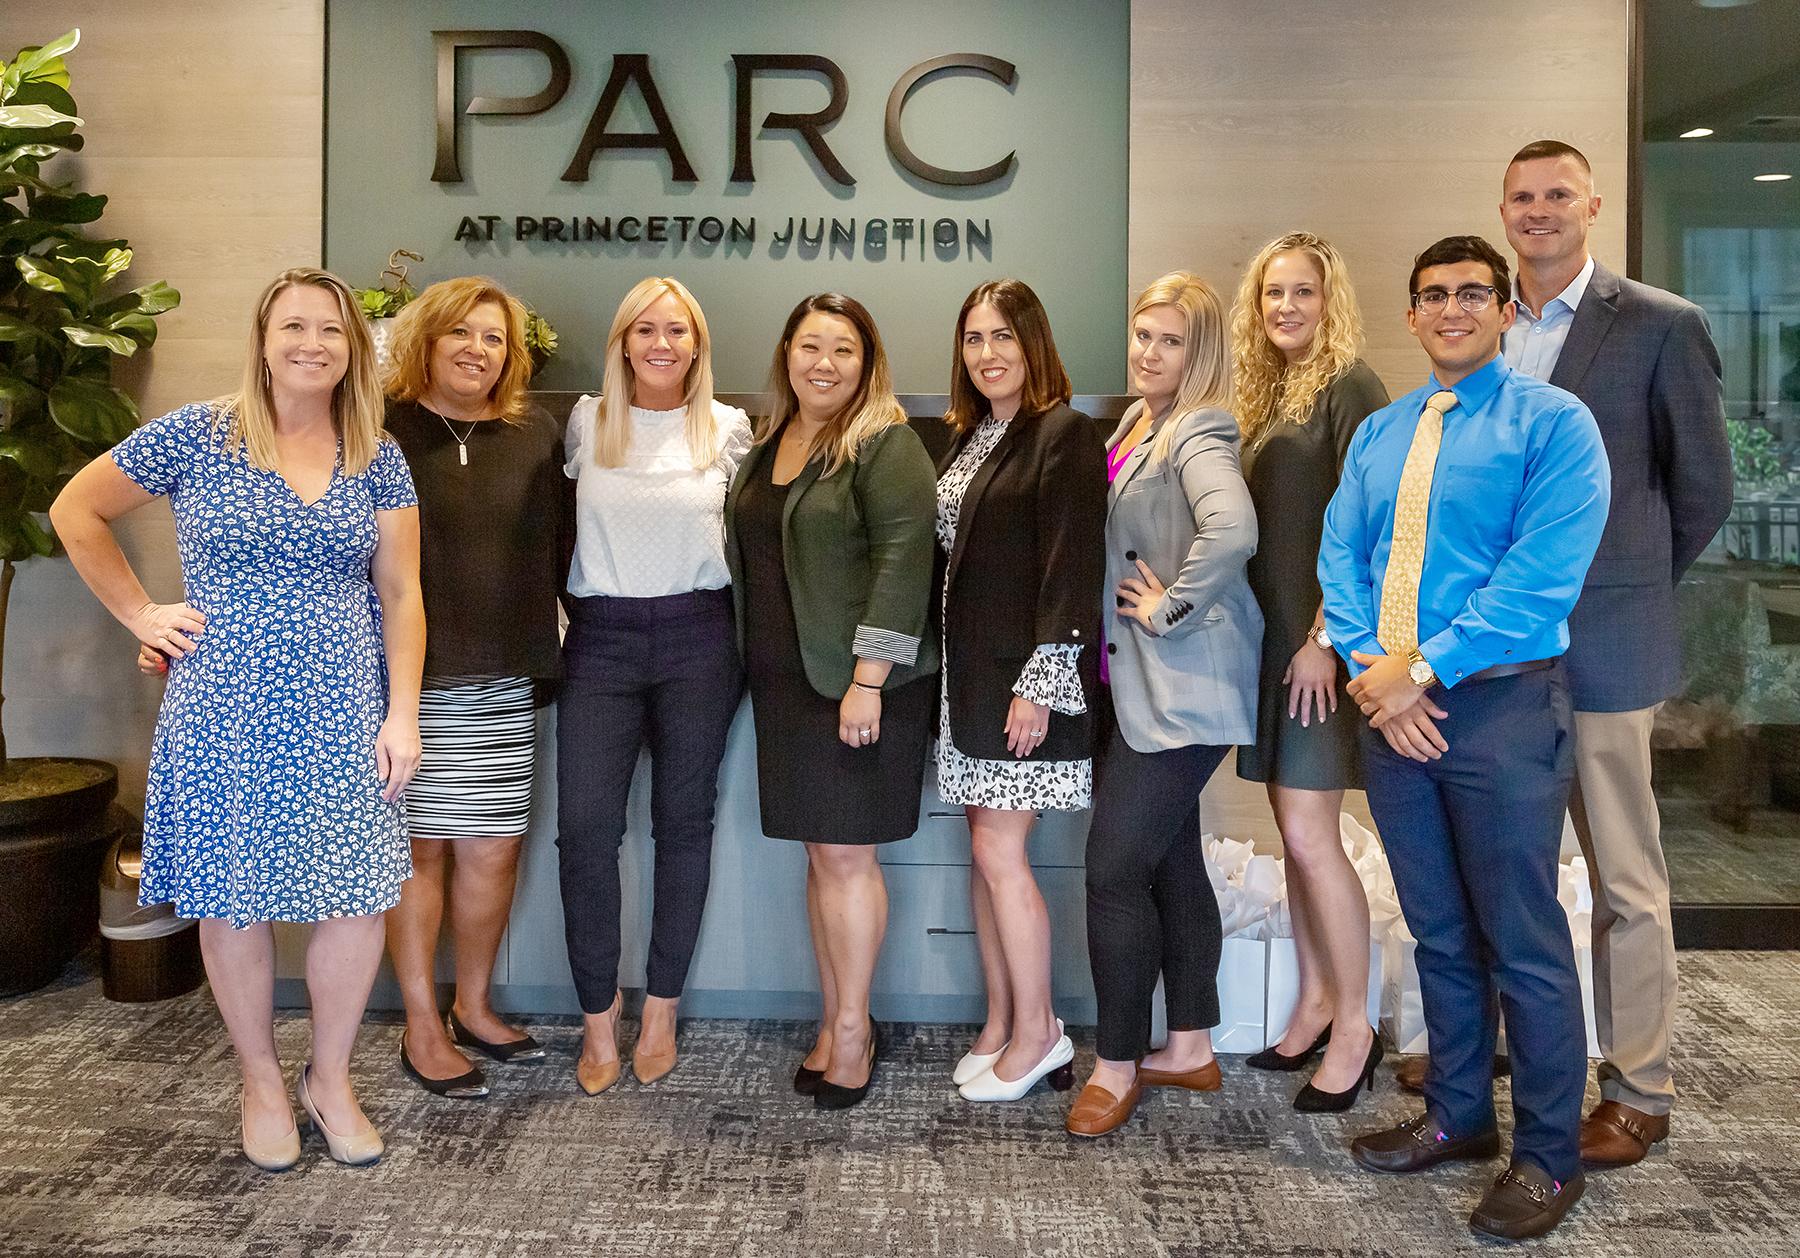 PARC Princeton Junction Group Portrait